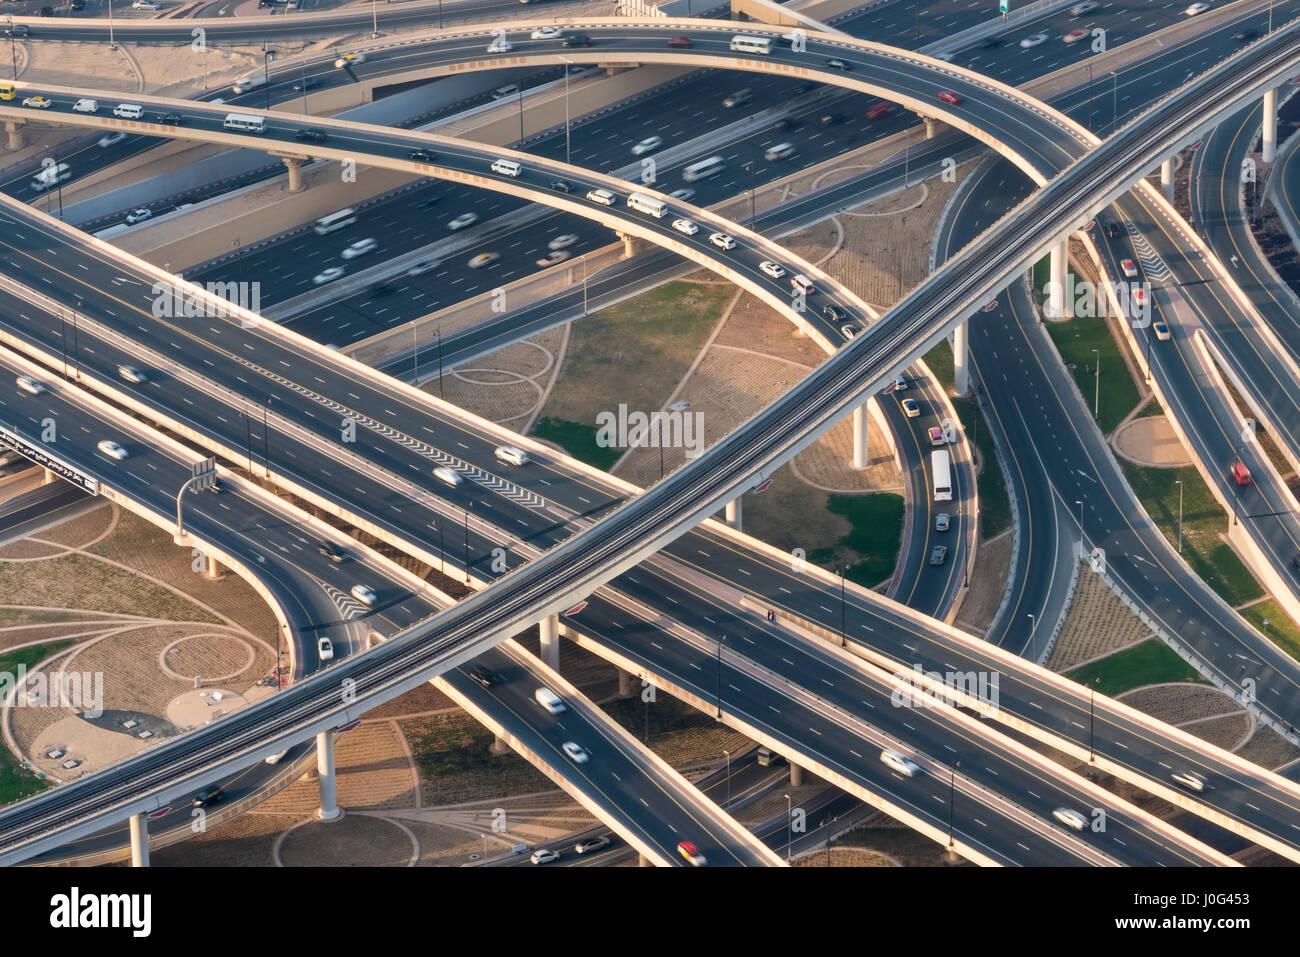 Il cavalcavia & Interscambio superstrada, Dubai, Emirati arabi uniti, U.A.E. Immagini Stock